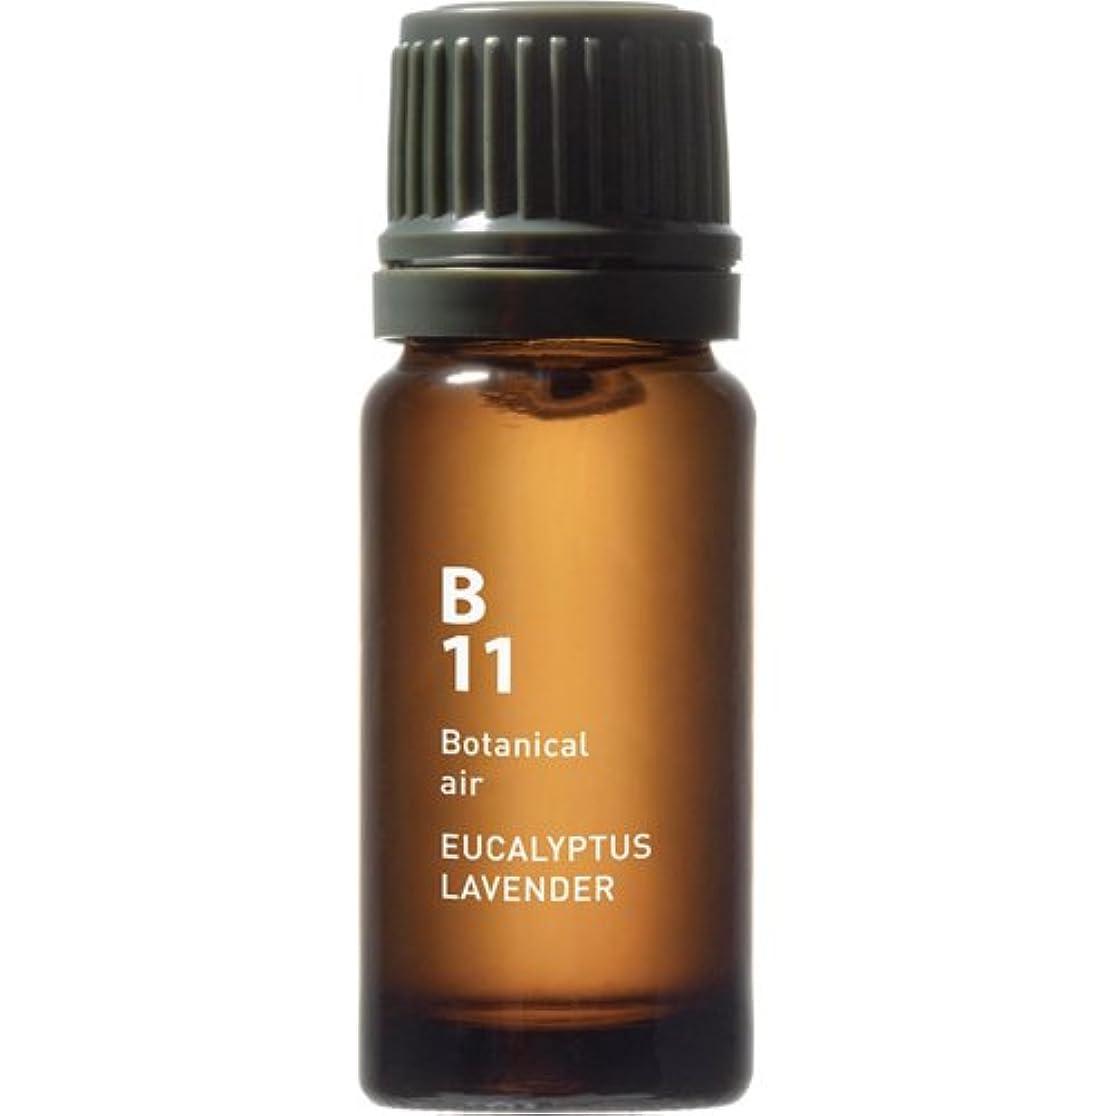 忌み嫌う栄光本当のことを言うとB11 ユーカリラベンダー Botanical air(ボタニカルエアー) 10ml